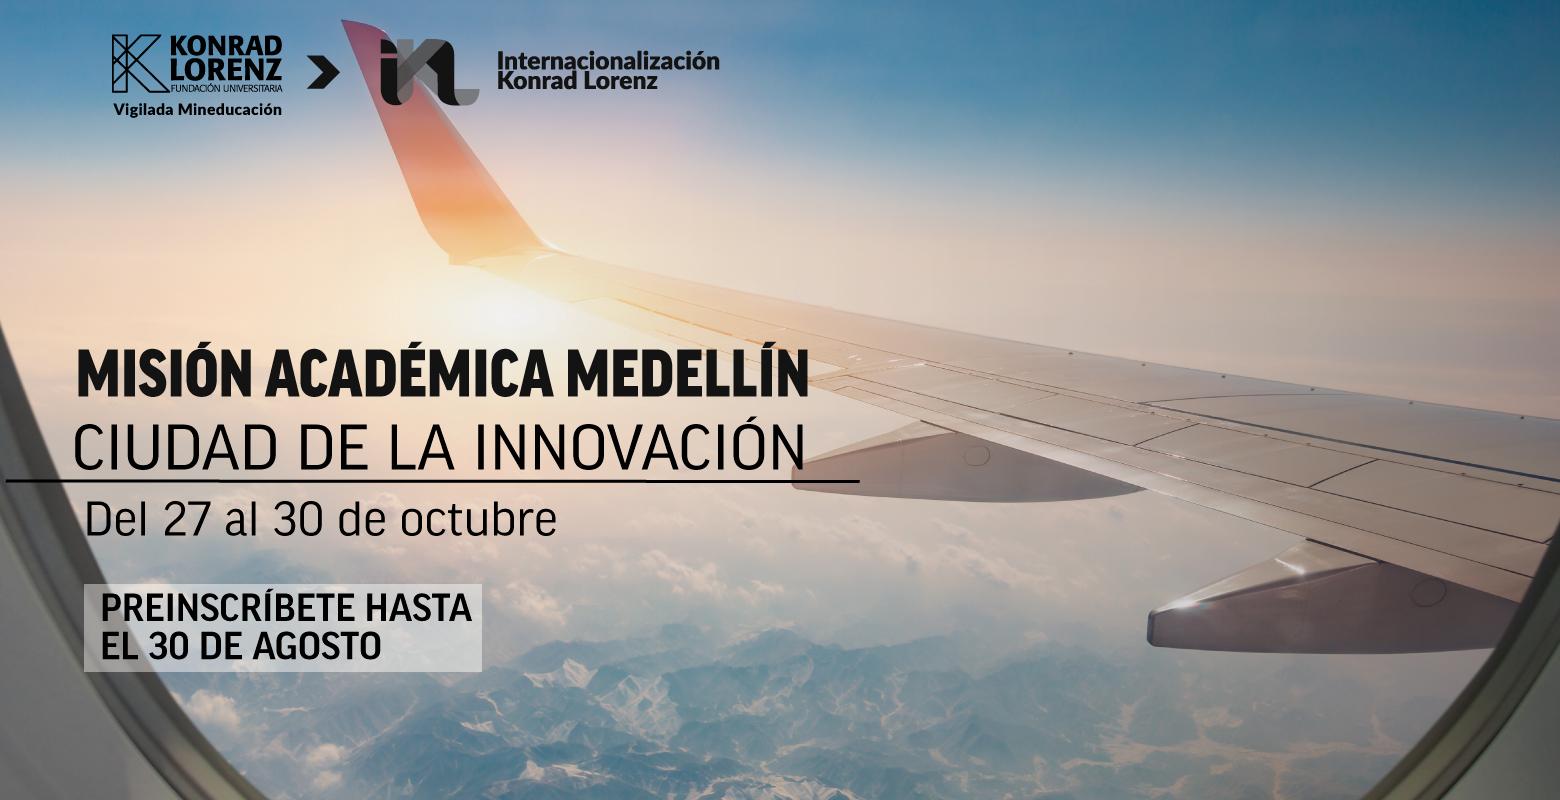 Misión académica: Medellín ciudad de la innovación